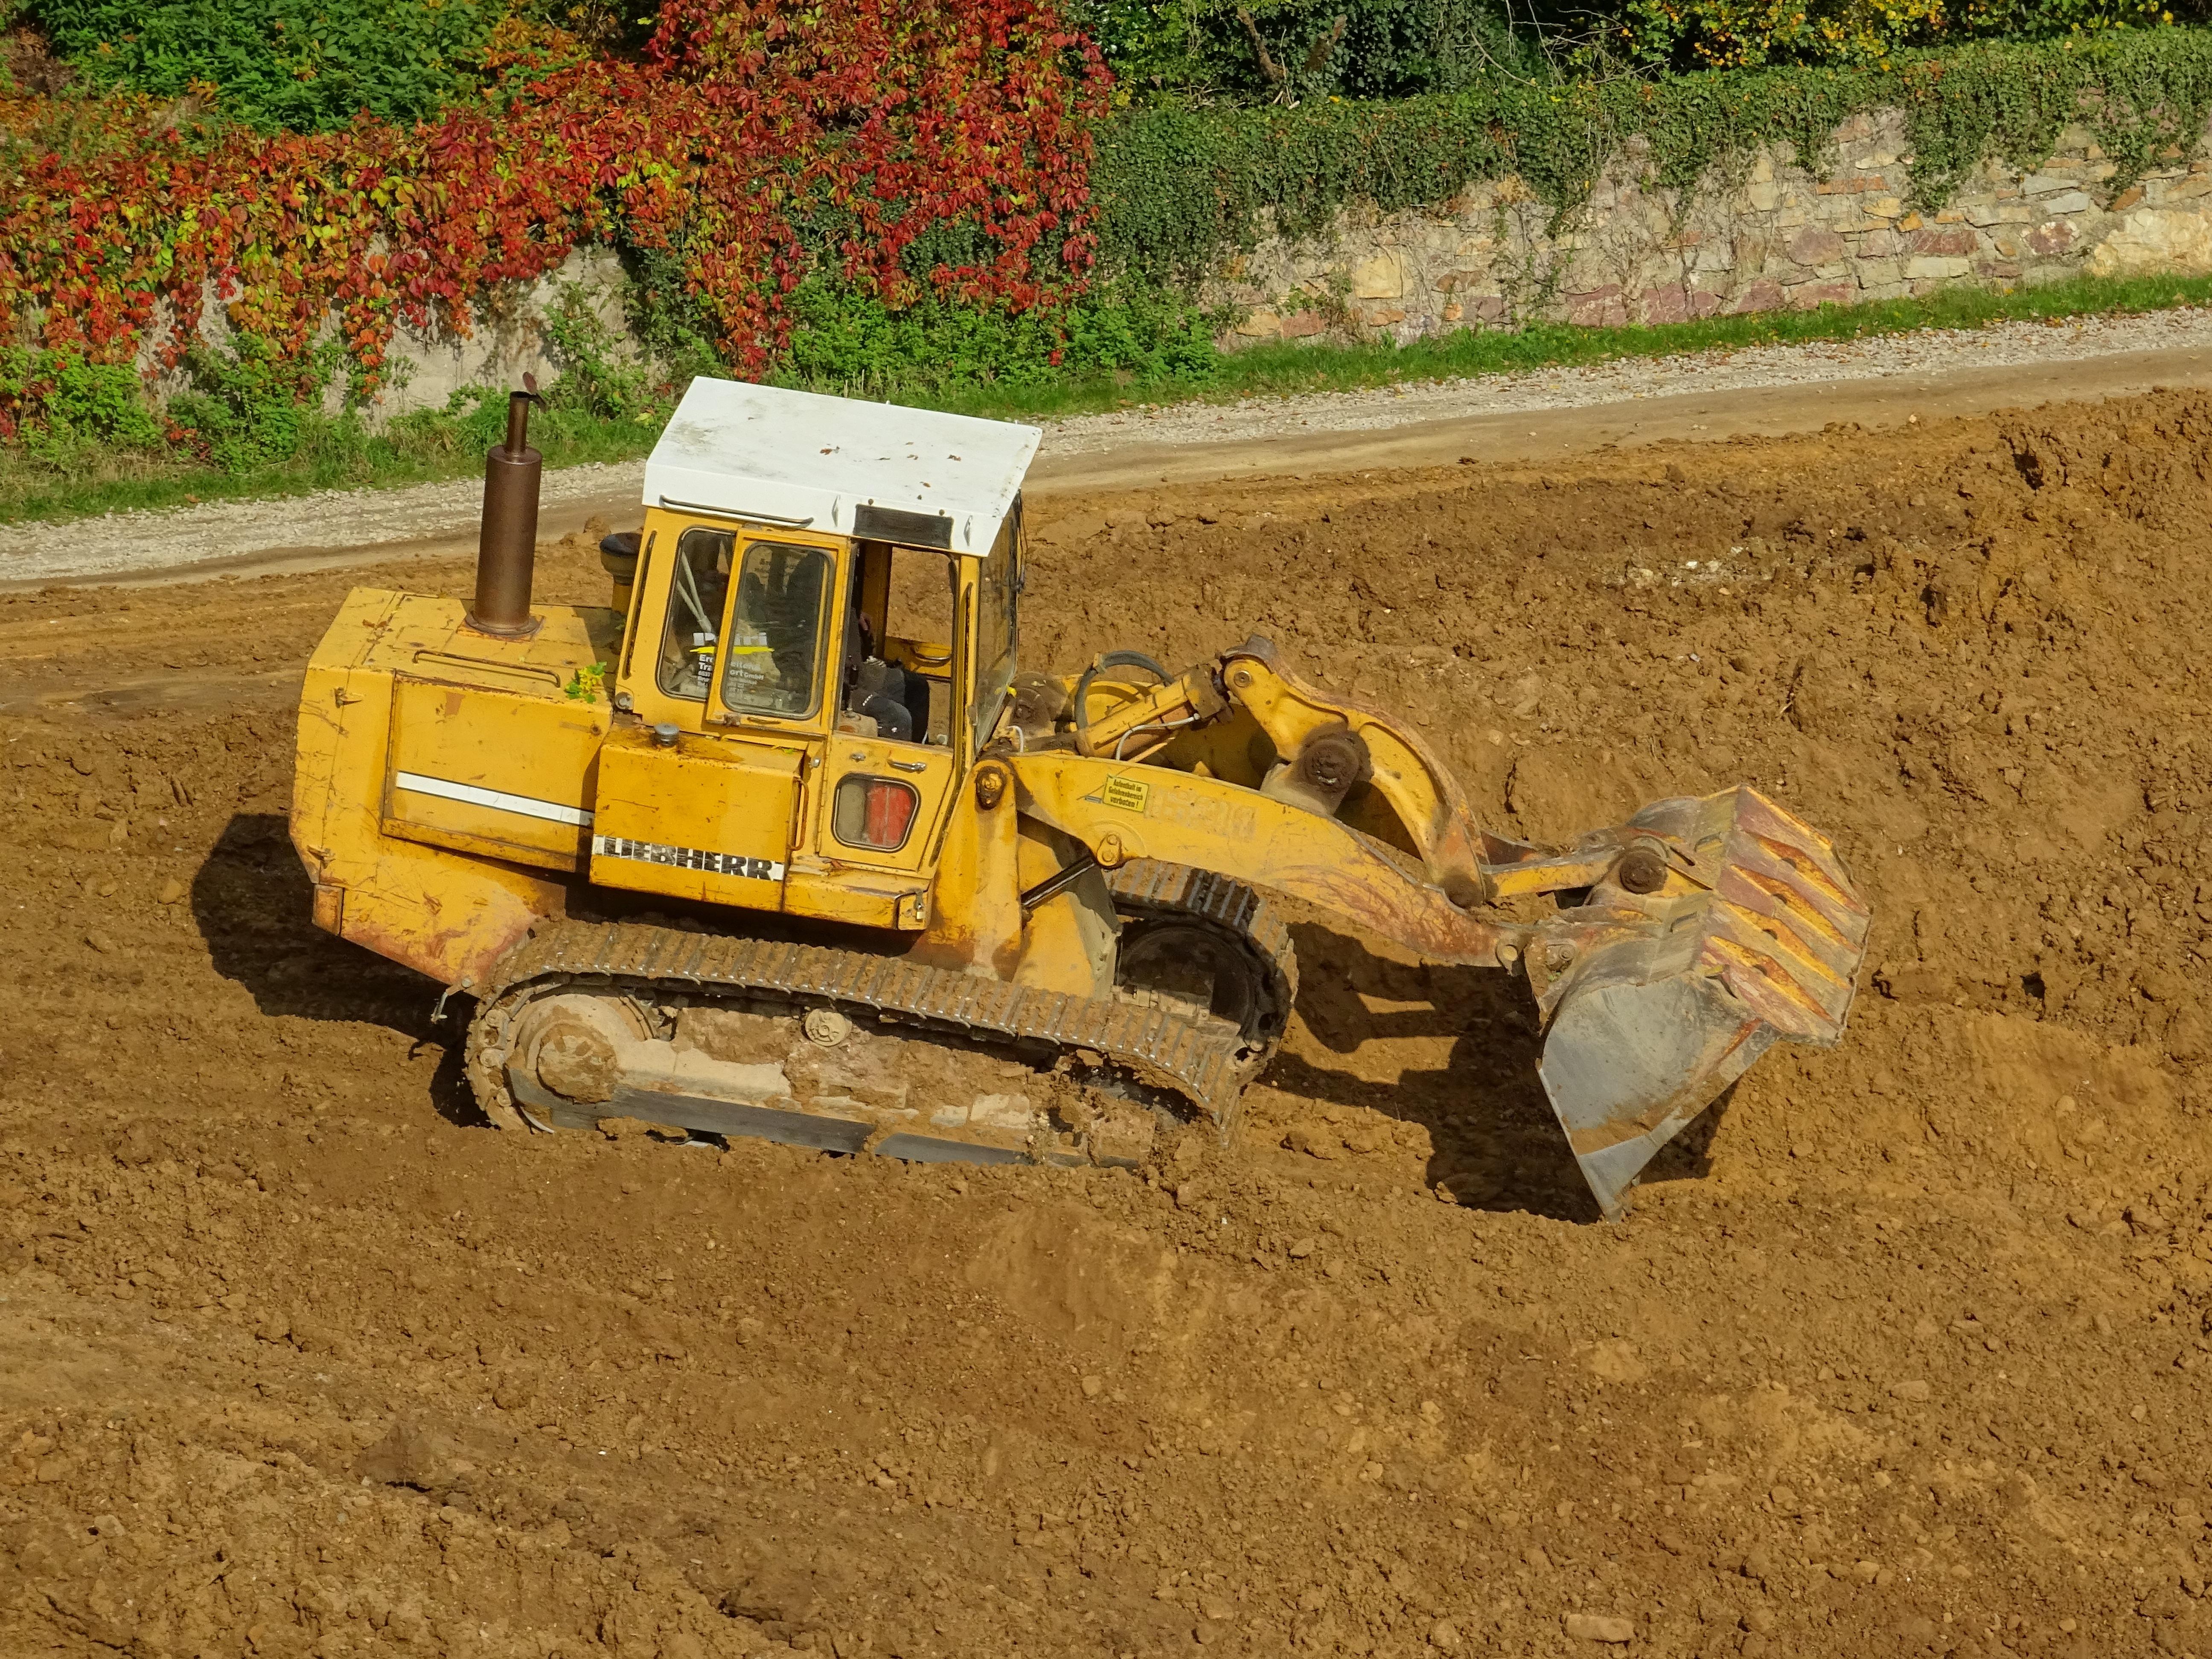 Free Images : forest, sand, field, asphalt, mud, soil